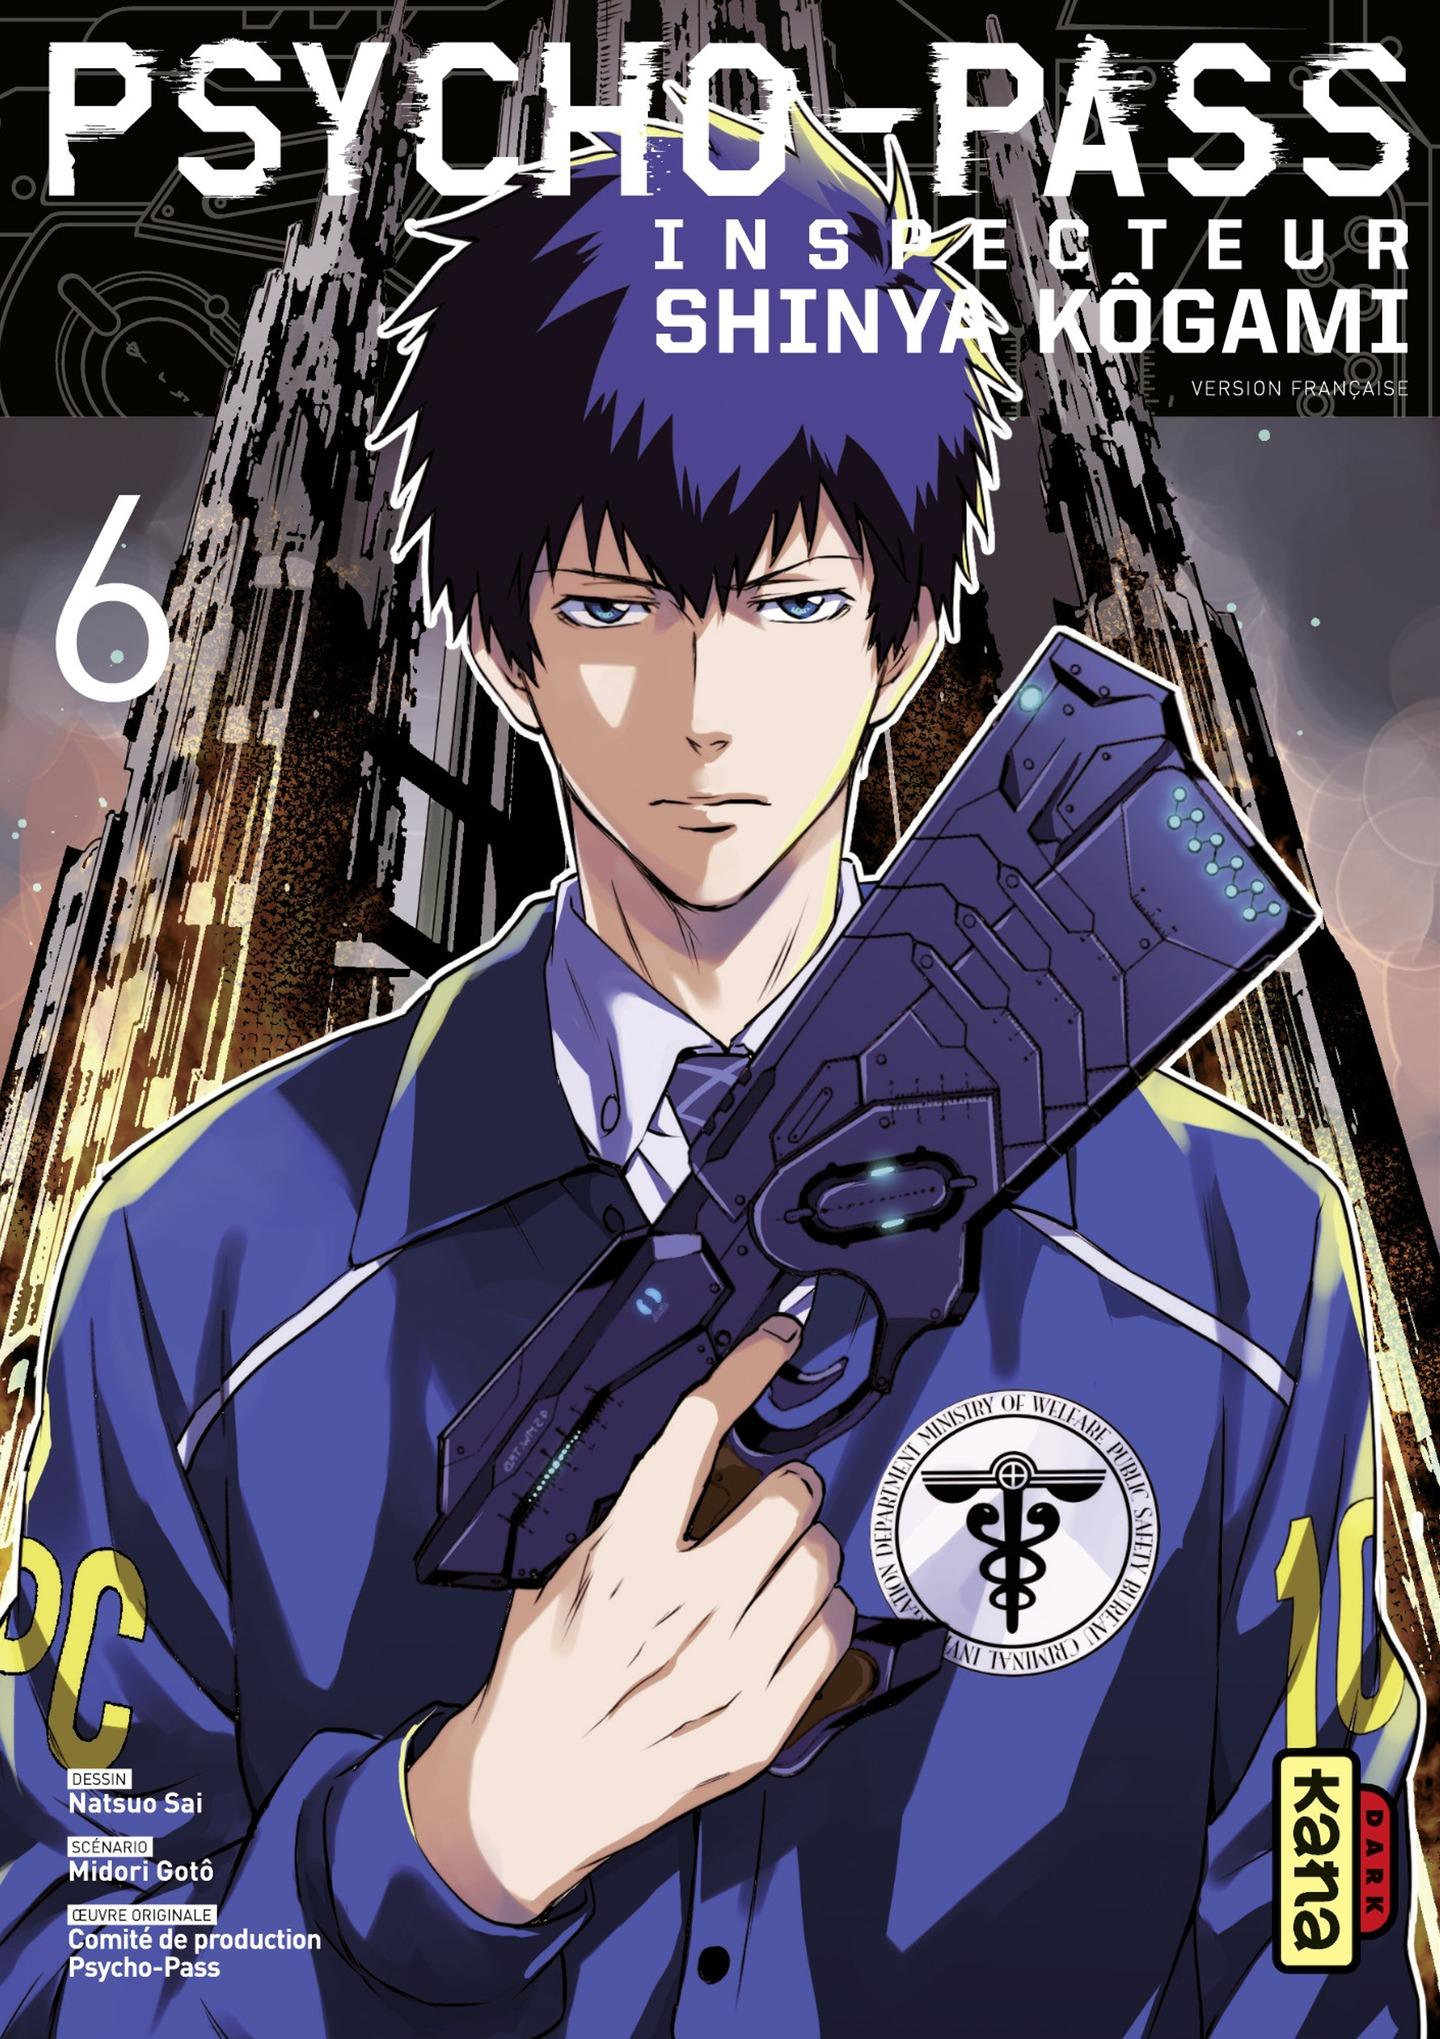 Psycho-Pass Inspecteur Shin...